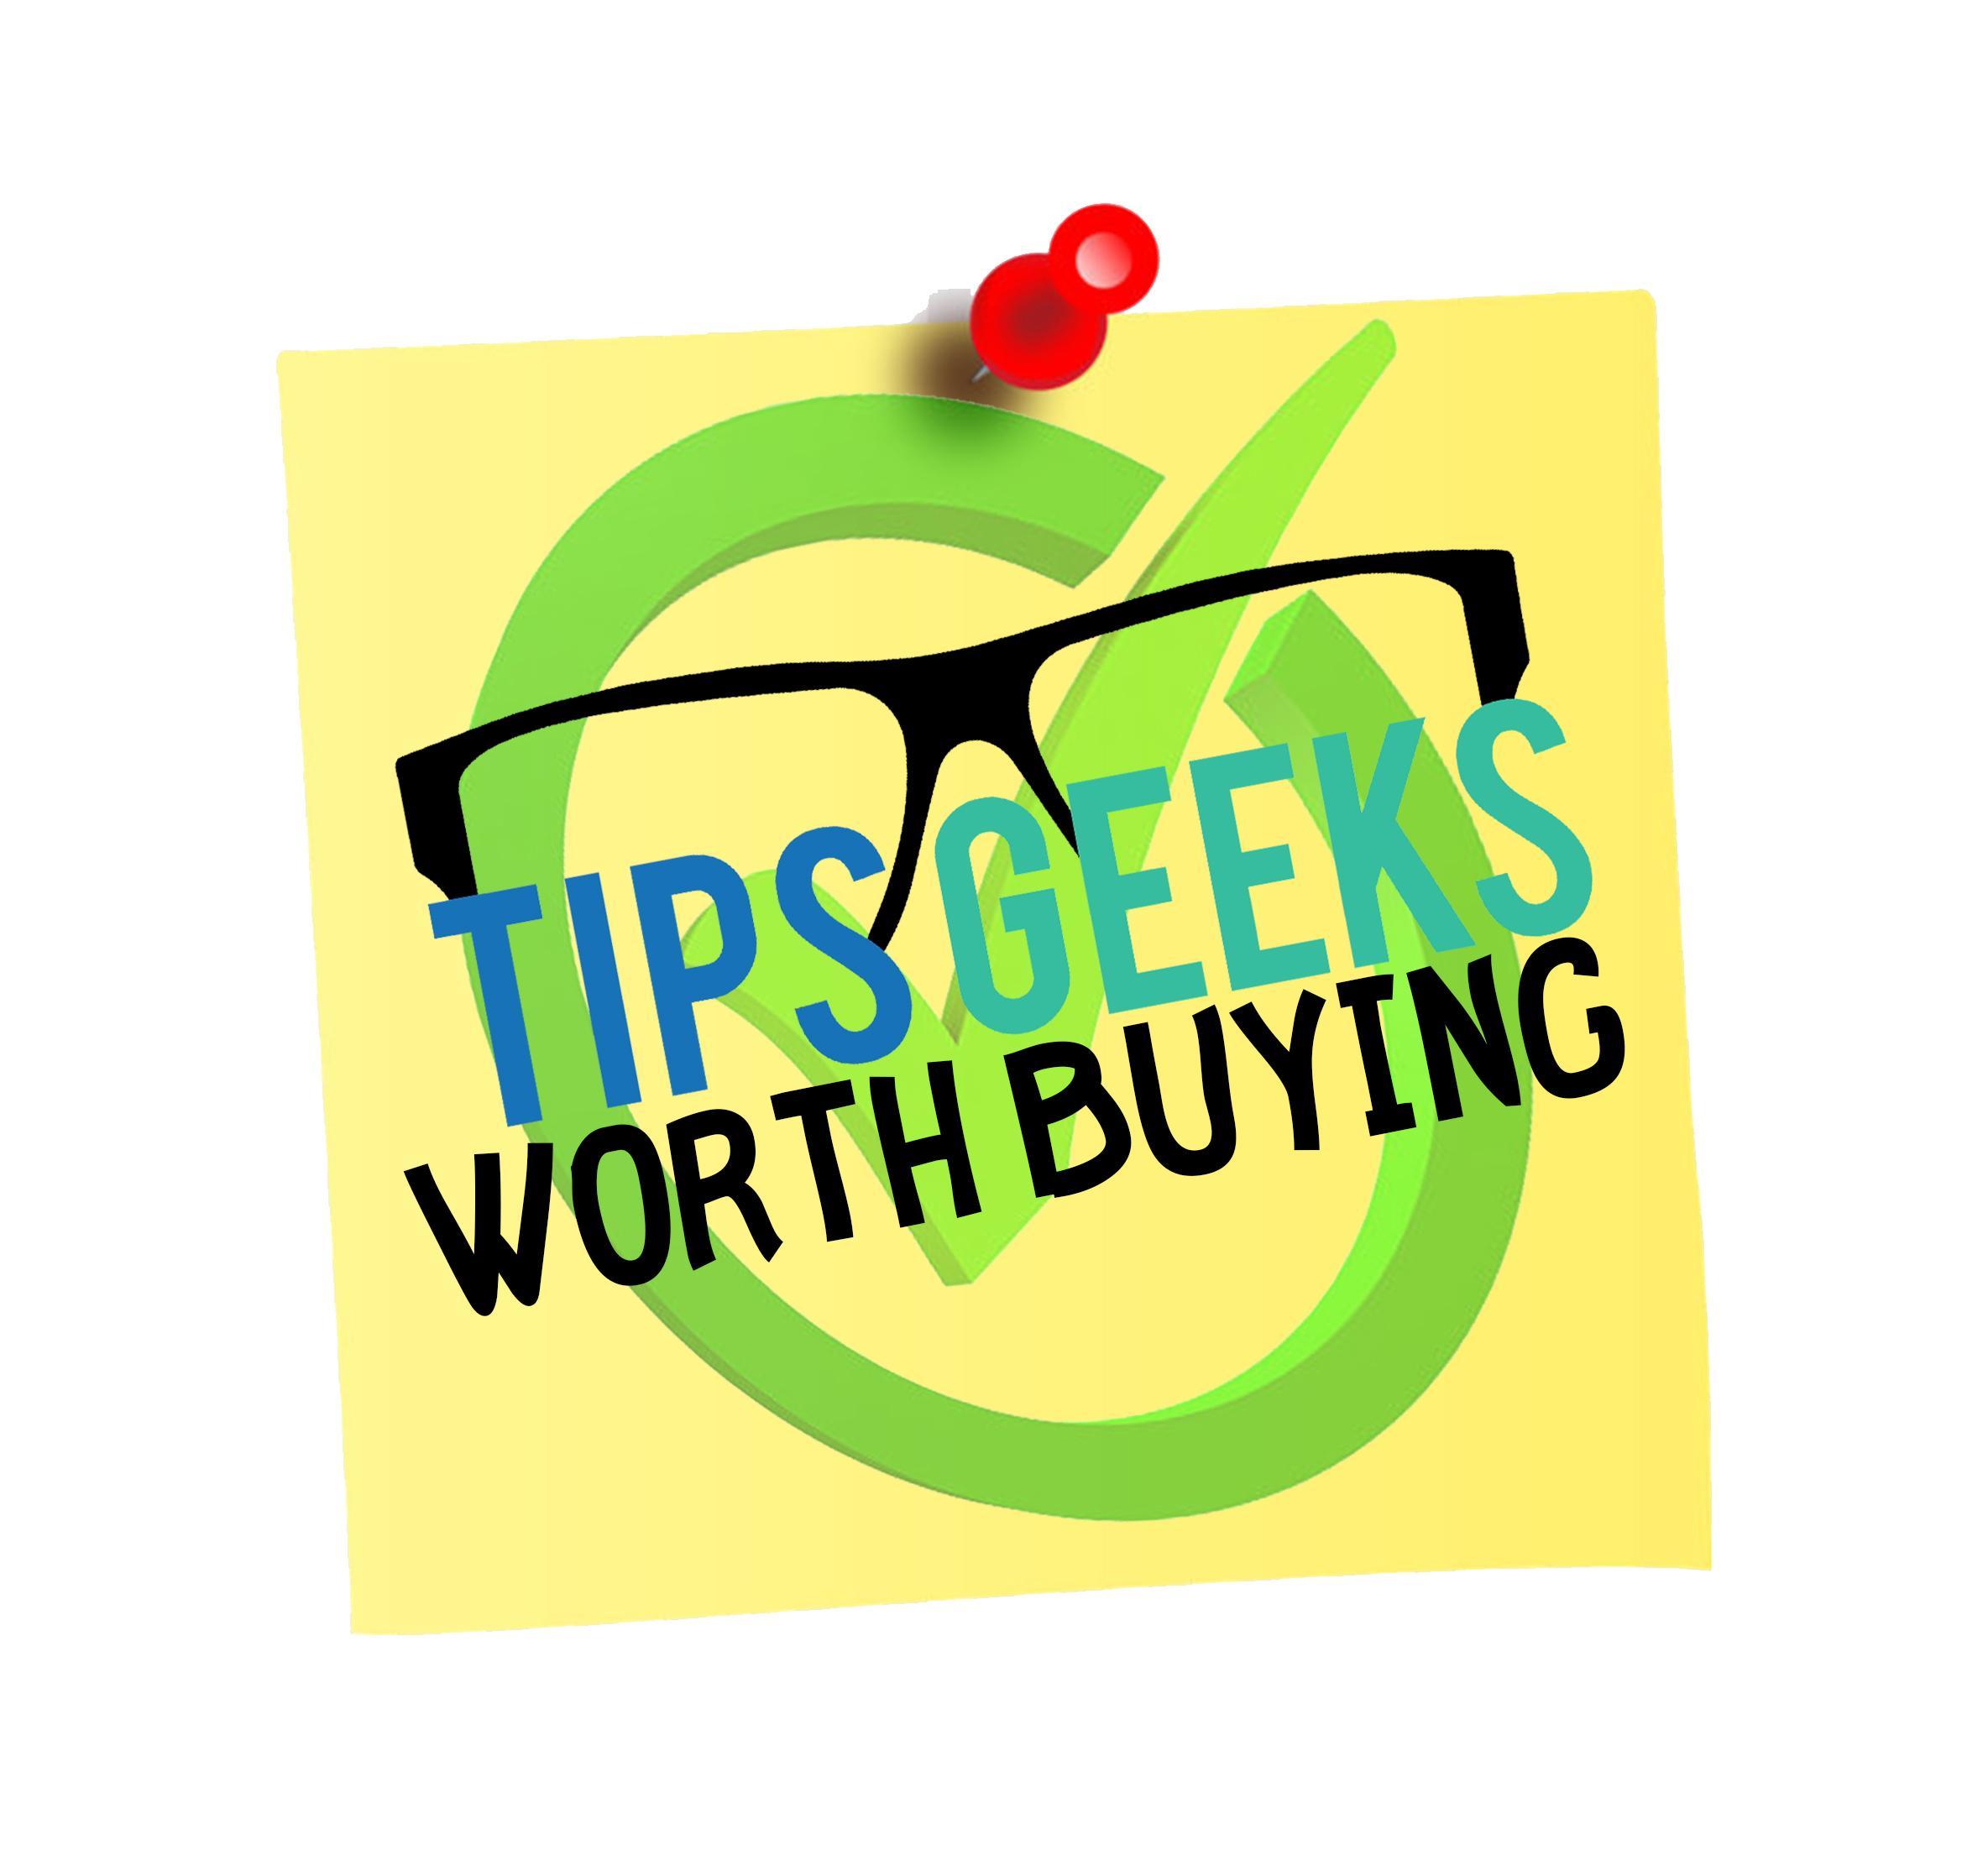 TipsGeeks Worth Buying Award